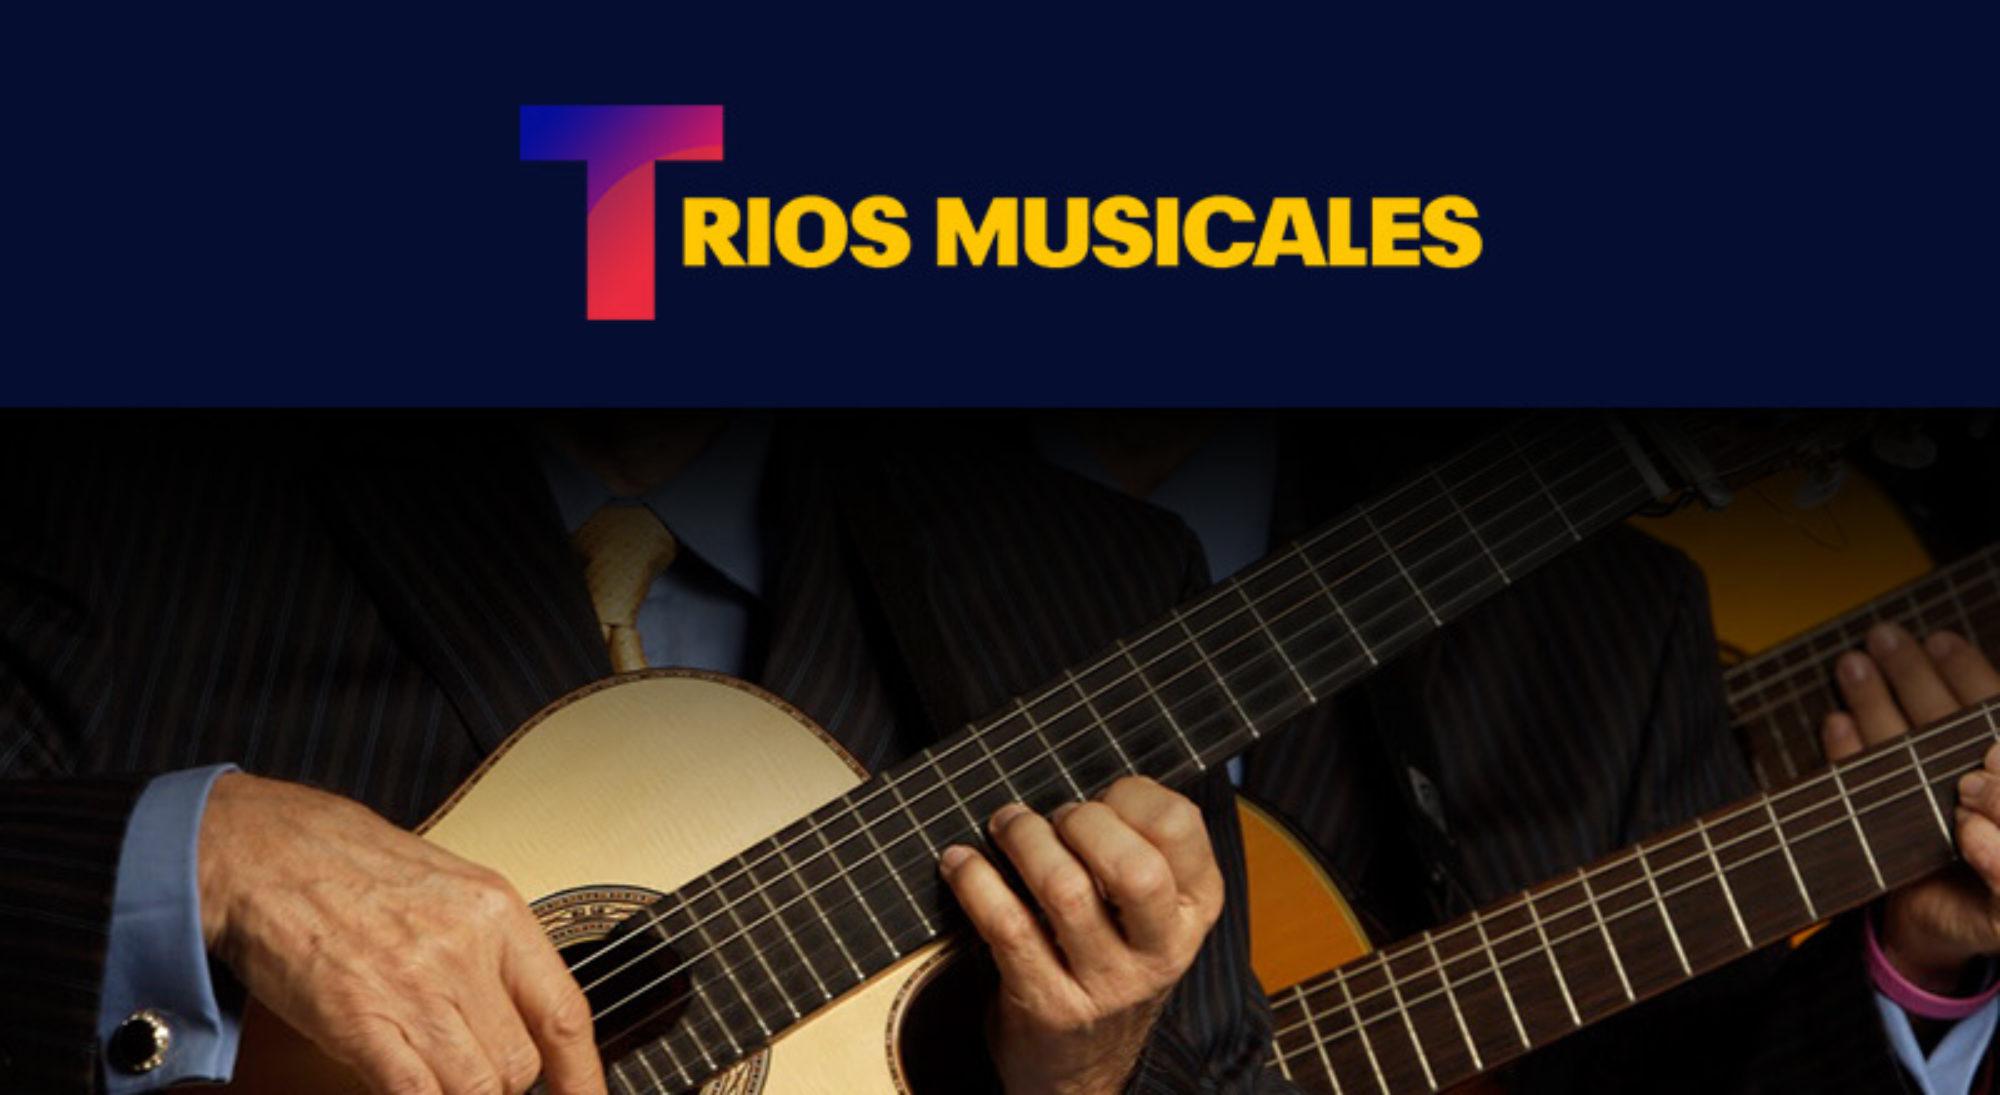 Tríos Musicales en CDMX